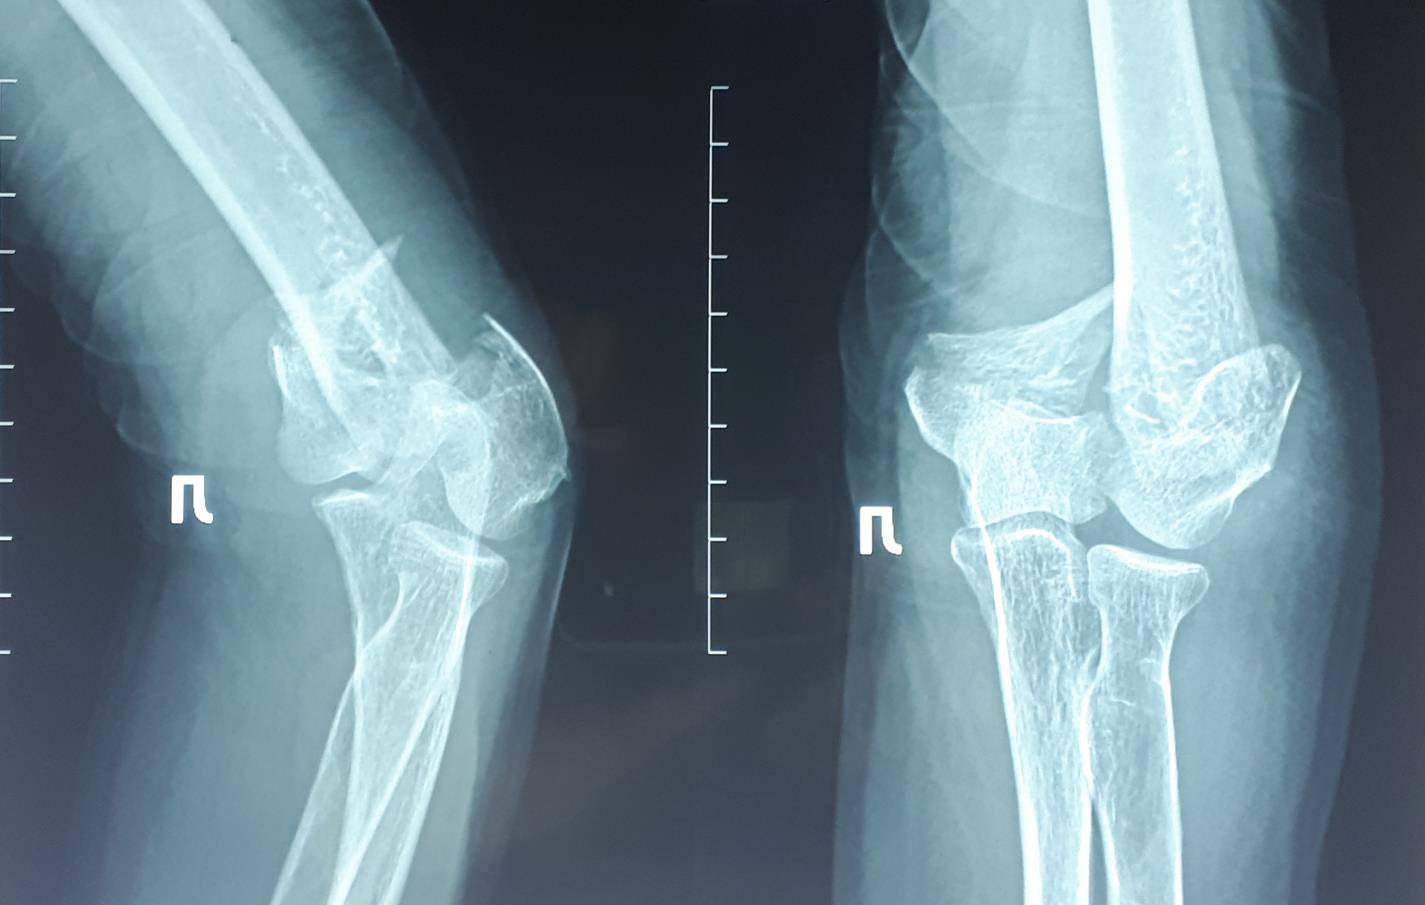 Лечение перелома латерального мыщелка плечевой кости у детей при помощи биодеградируемых материалов